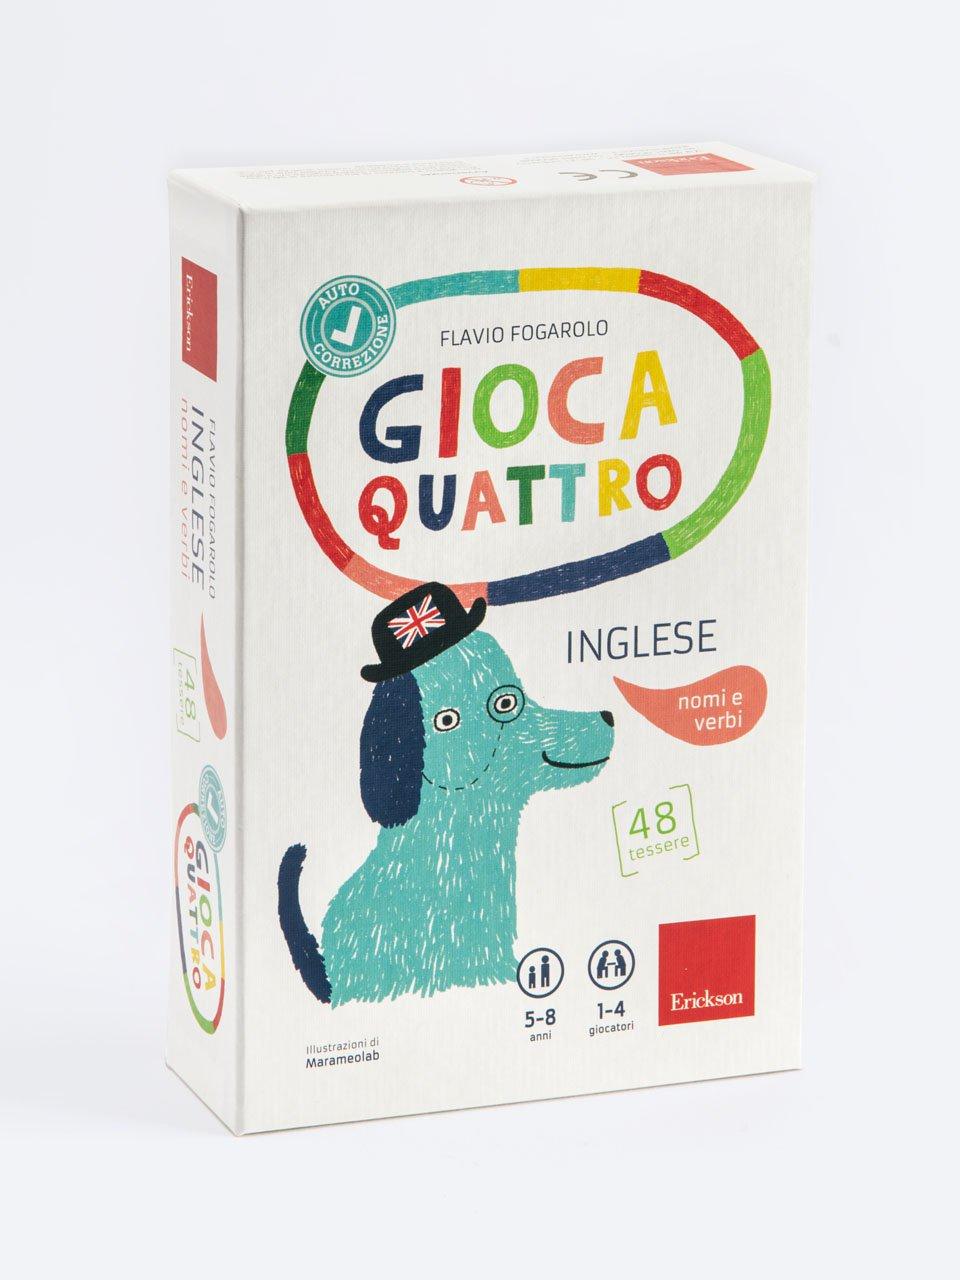 Giocaquattro - Inglese: nomi e verbi - Schede per Tablotto (Età 8+) - Play and Learn with - Giochi - Erickson